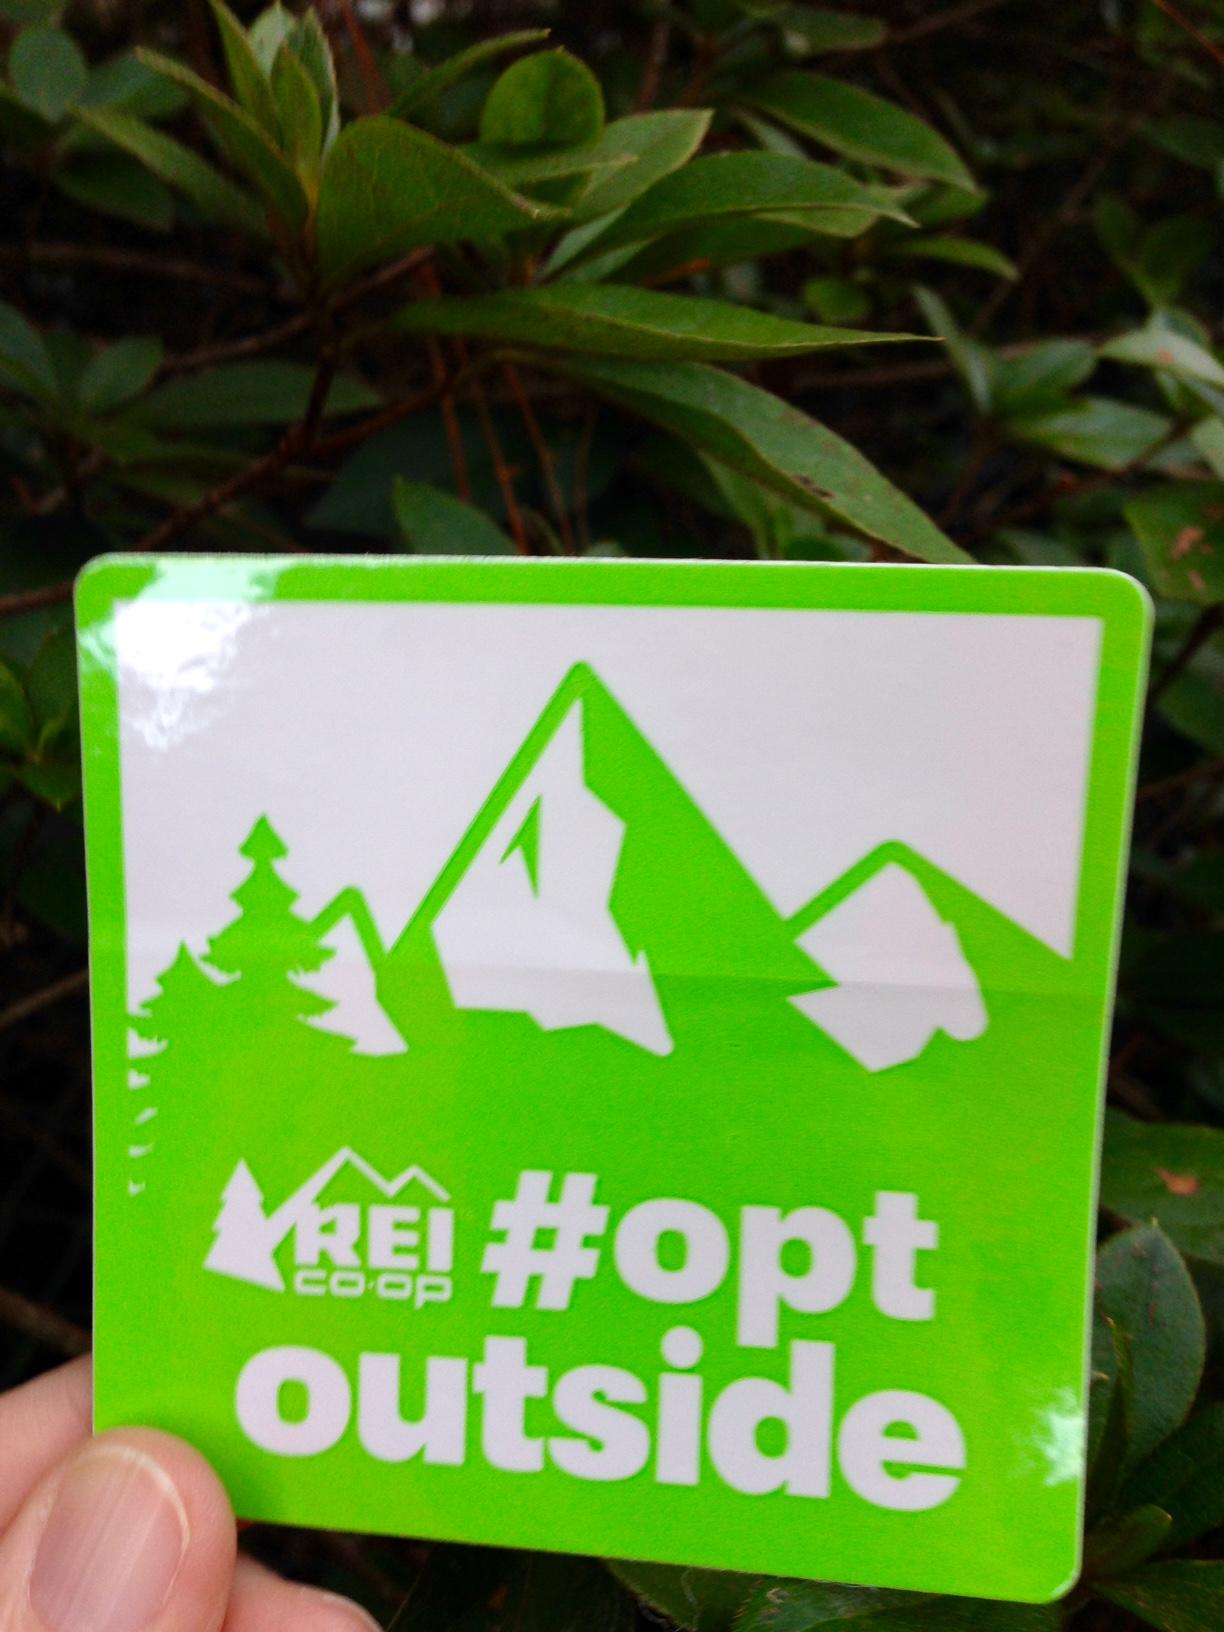 REI #OptOutside sticker